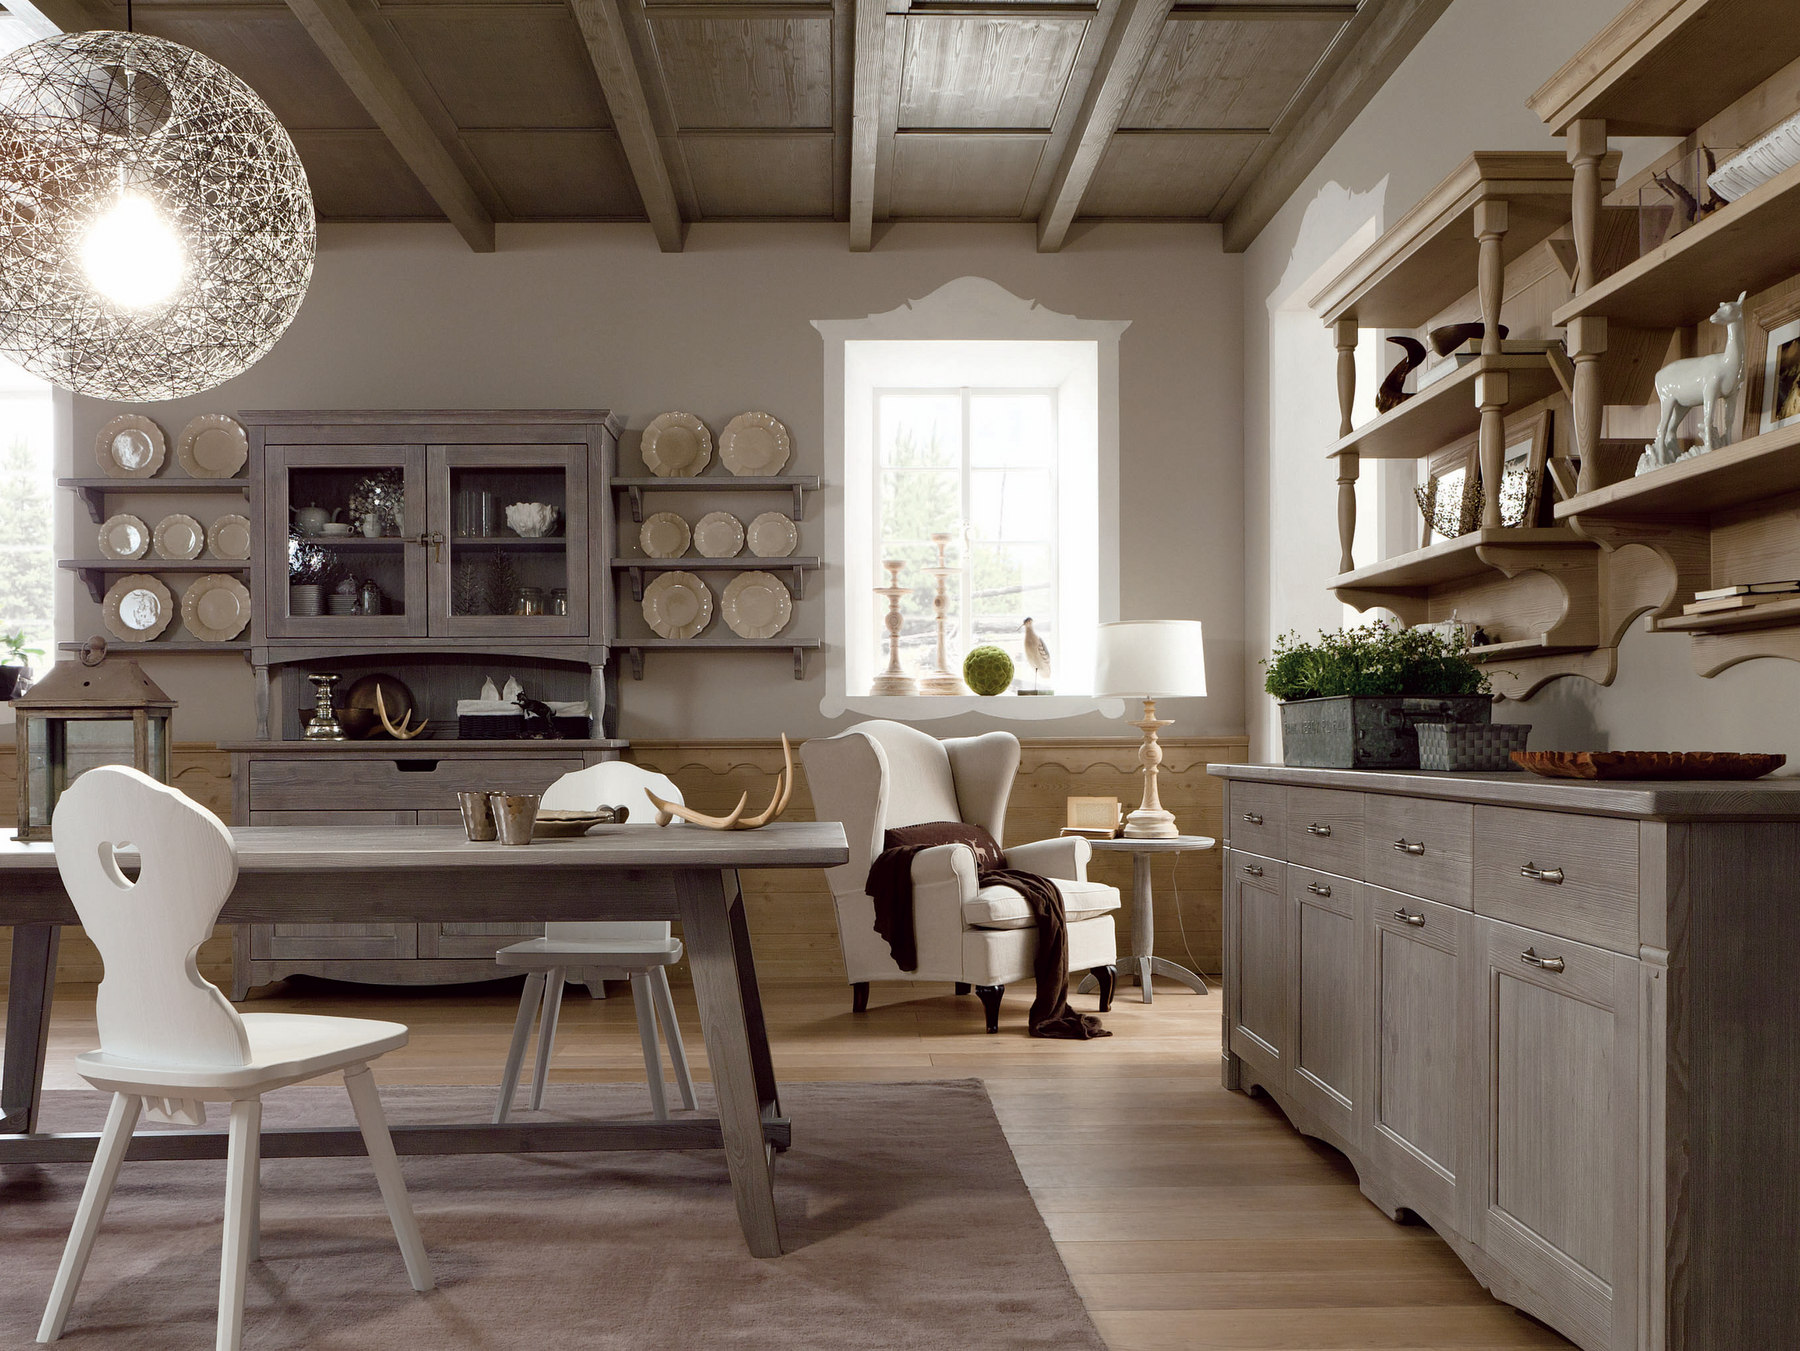 Cucina in stile rustico tabi t04 by scandola mobili for Scandola mobili